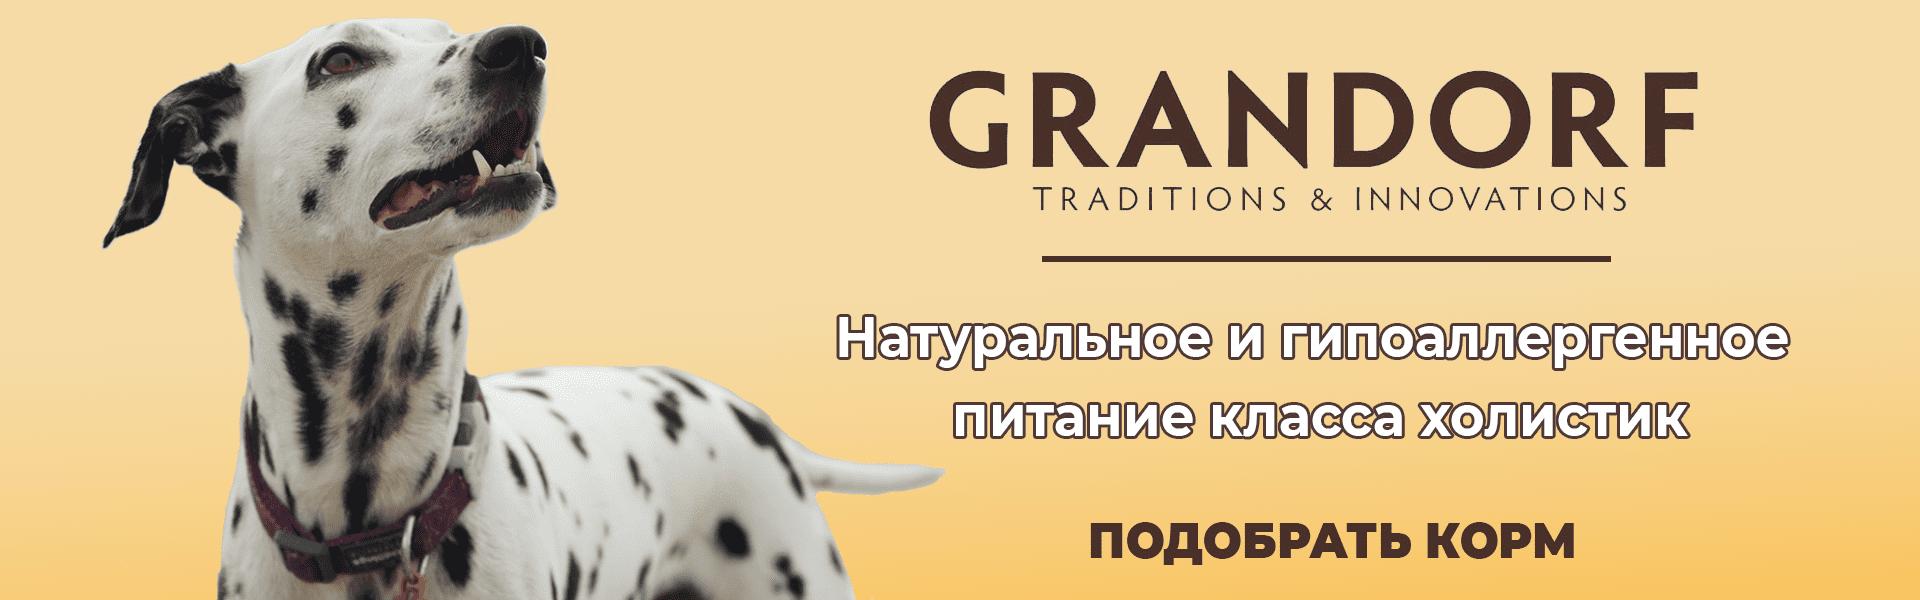 Grandorf dog